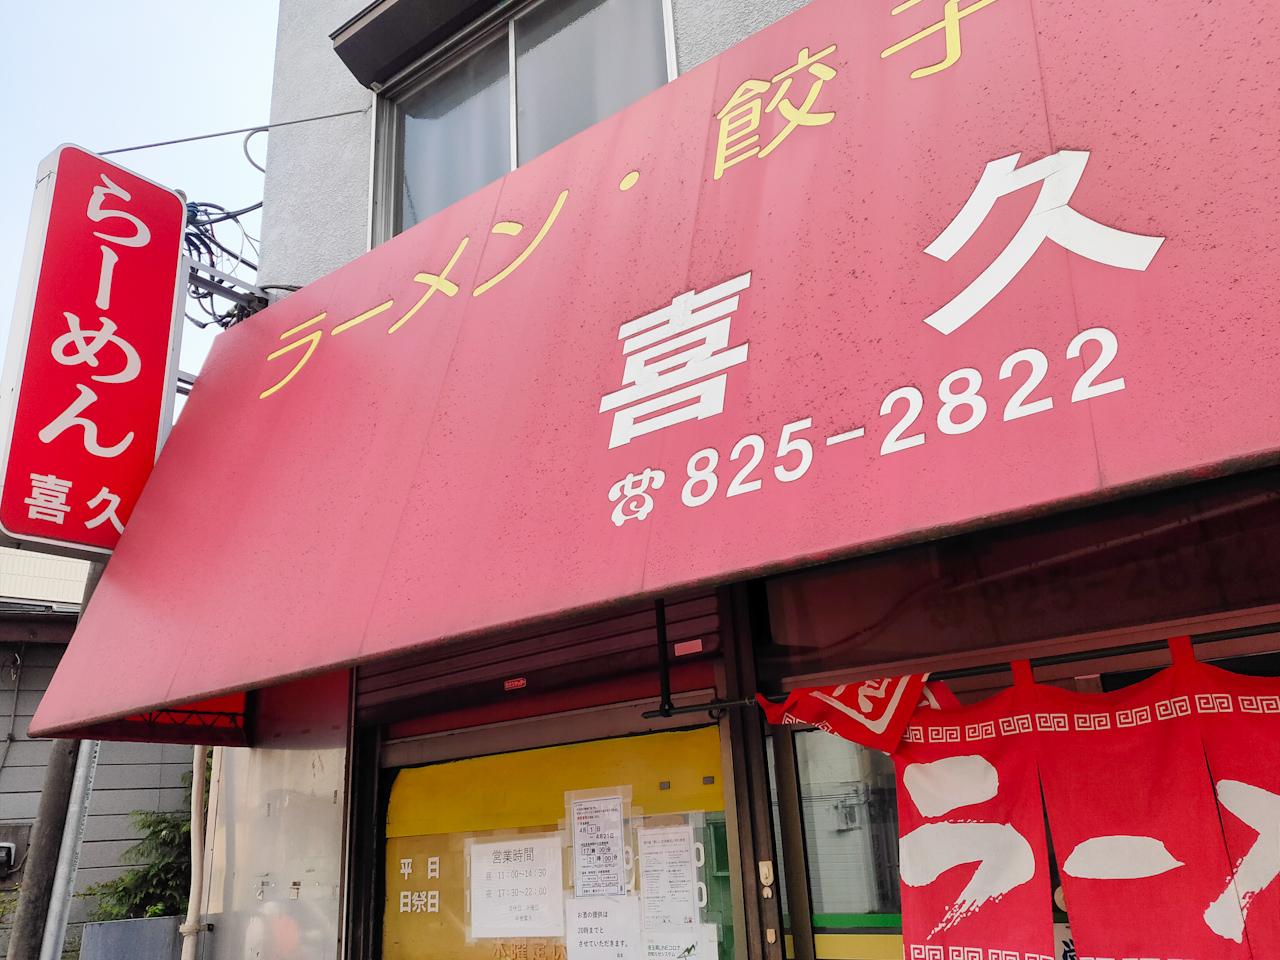 「喜久」さんはJR京浜東北線「北浦和」駅西口から大宮方面に徒歩12分のところにあります